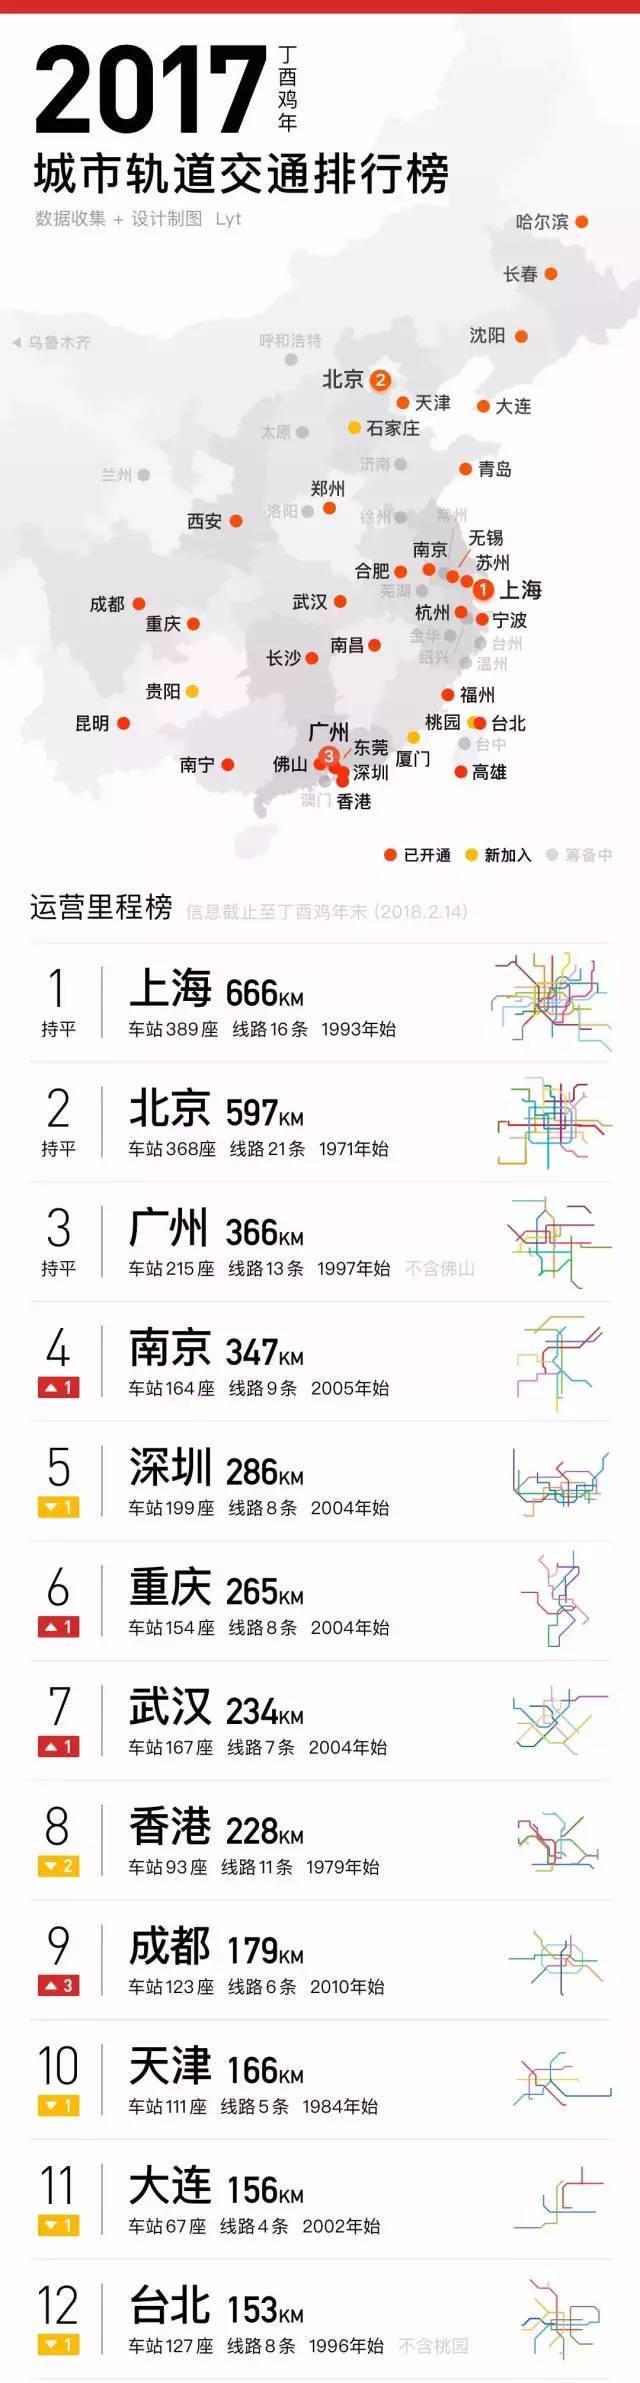 金华资讯:从地铁规划来分析,中国未来最具潜力的城市有六座